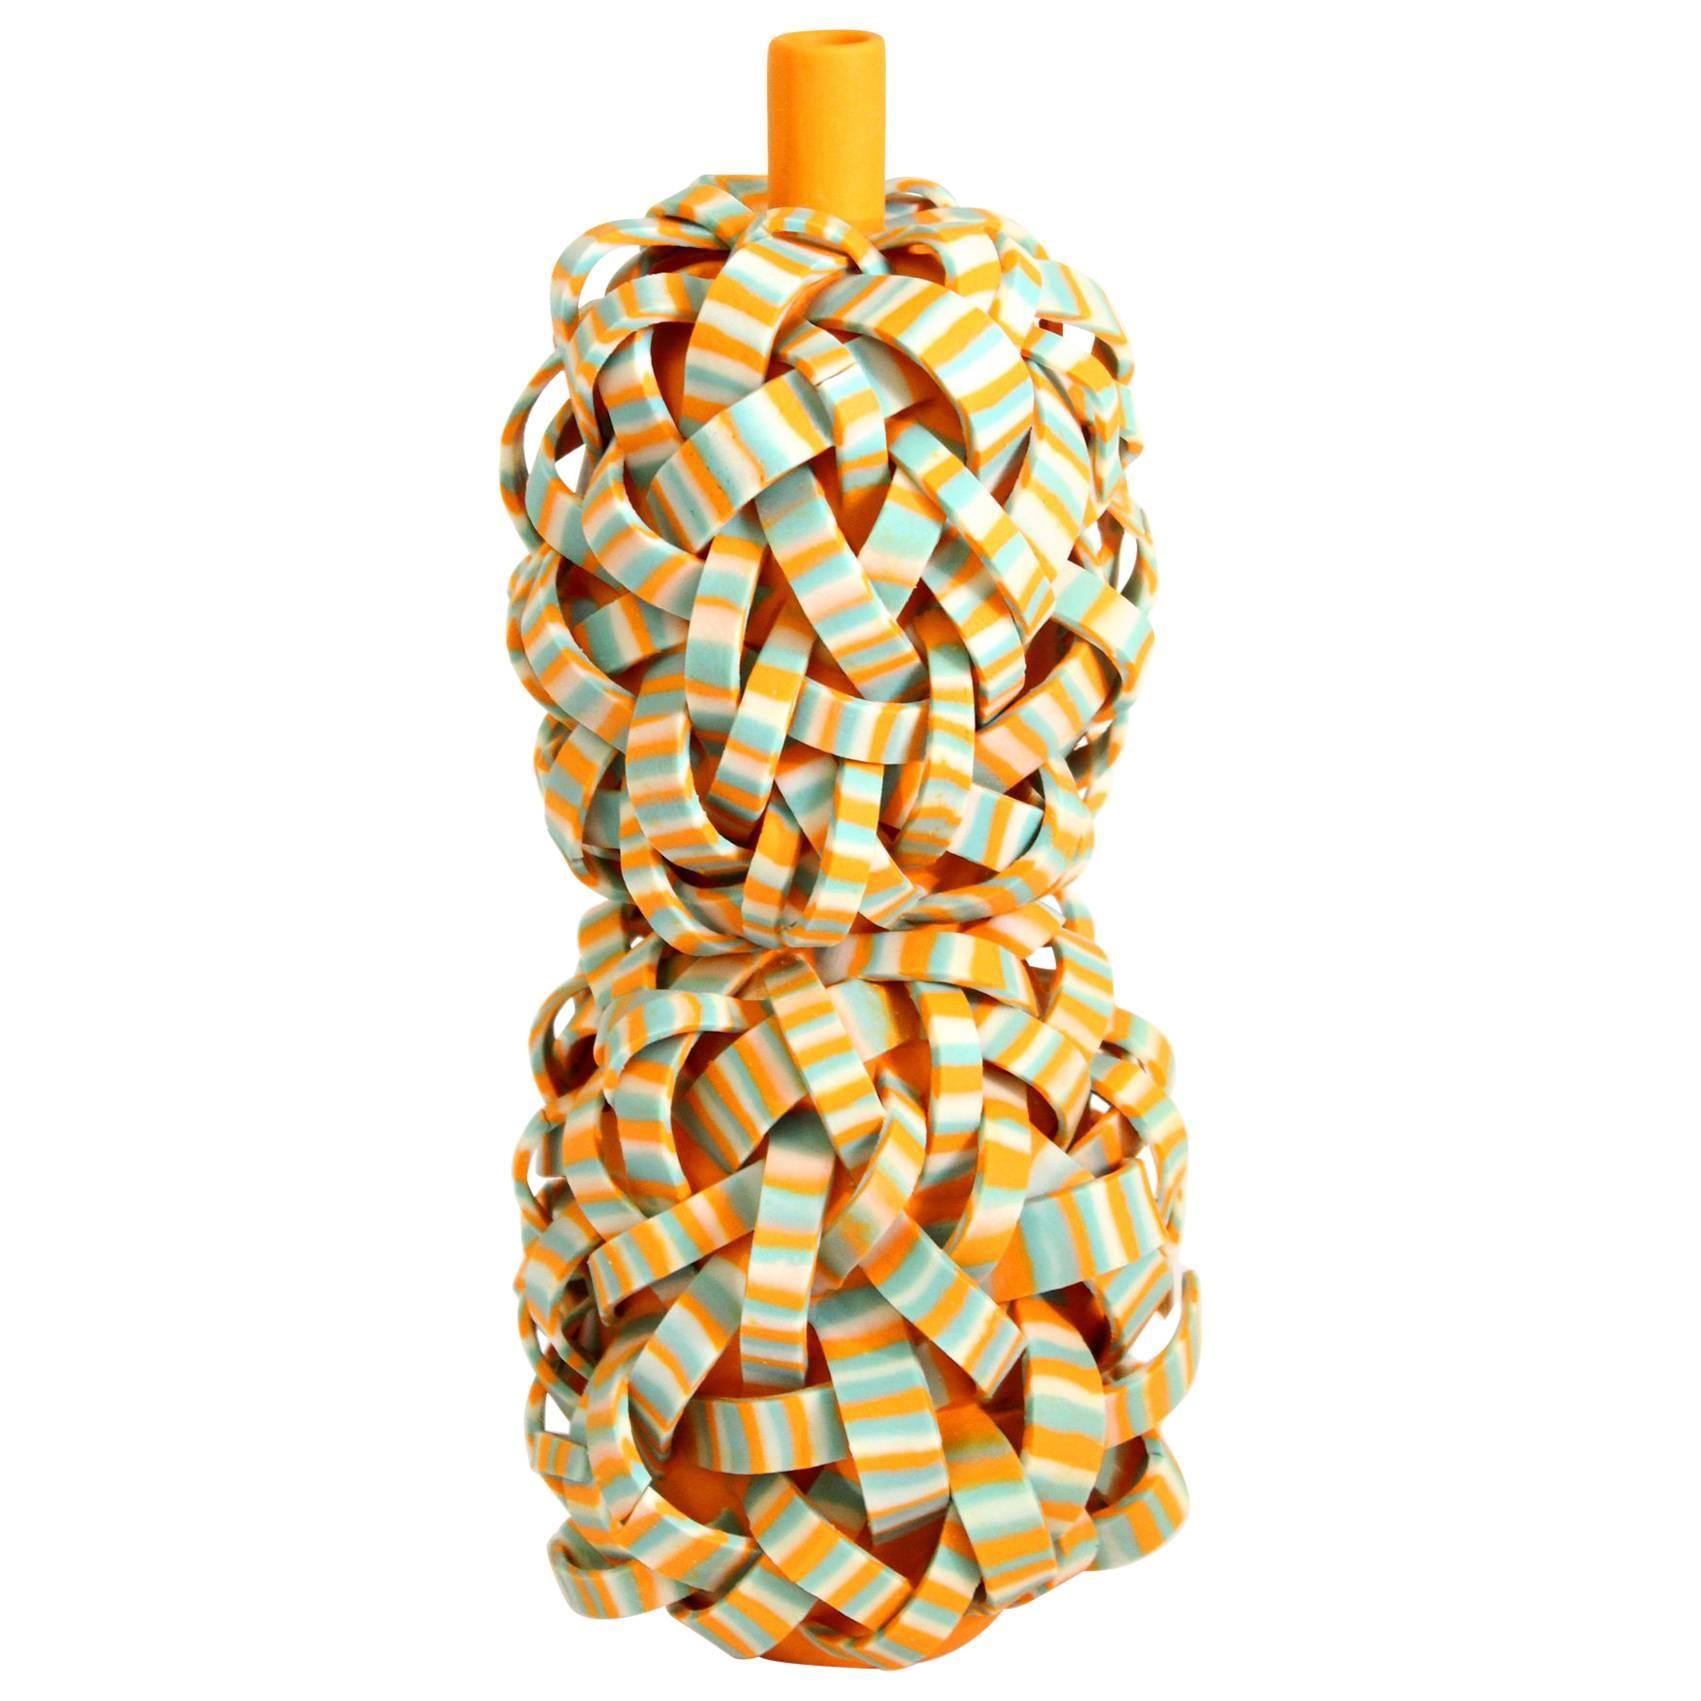 Orange Unique Ceramic Vase by Ahryun Lee